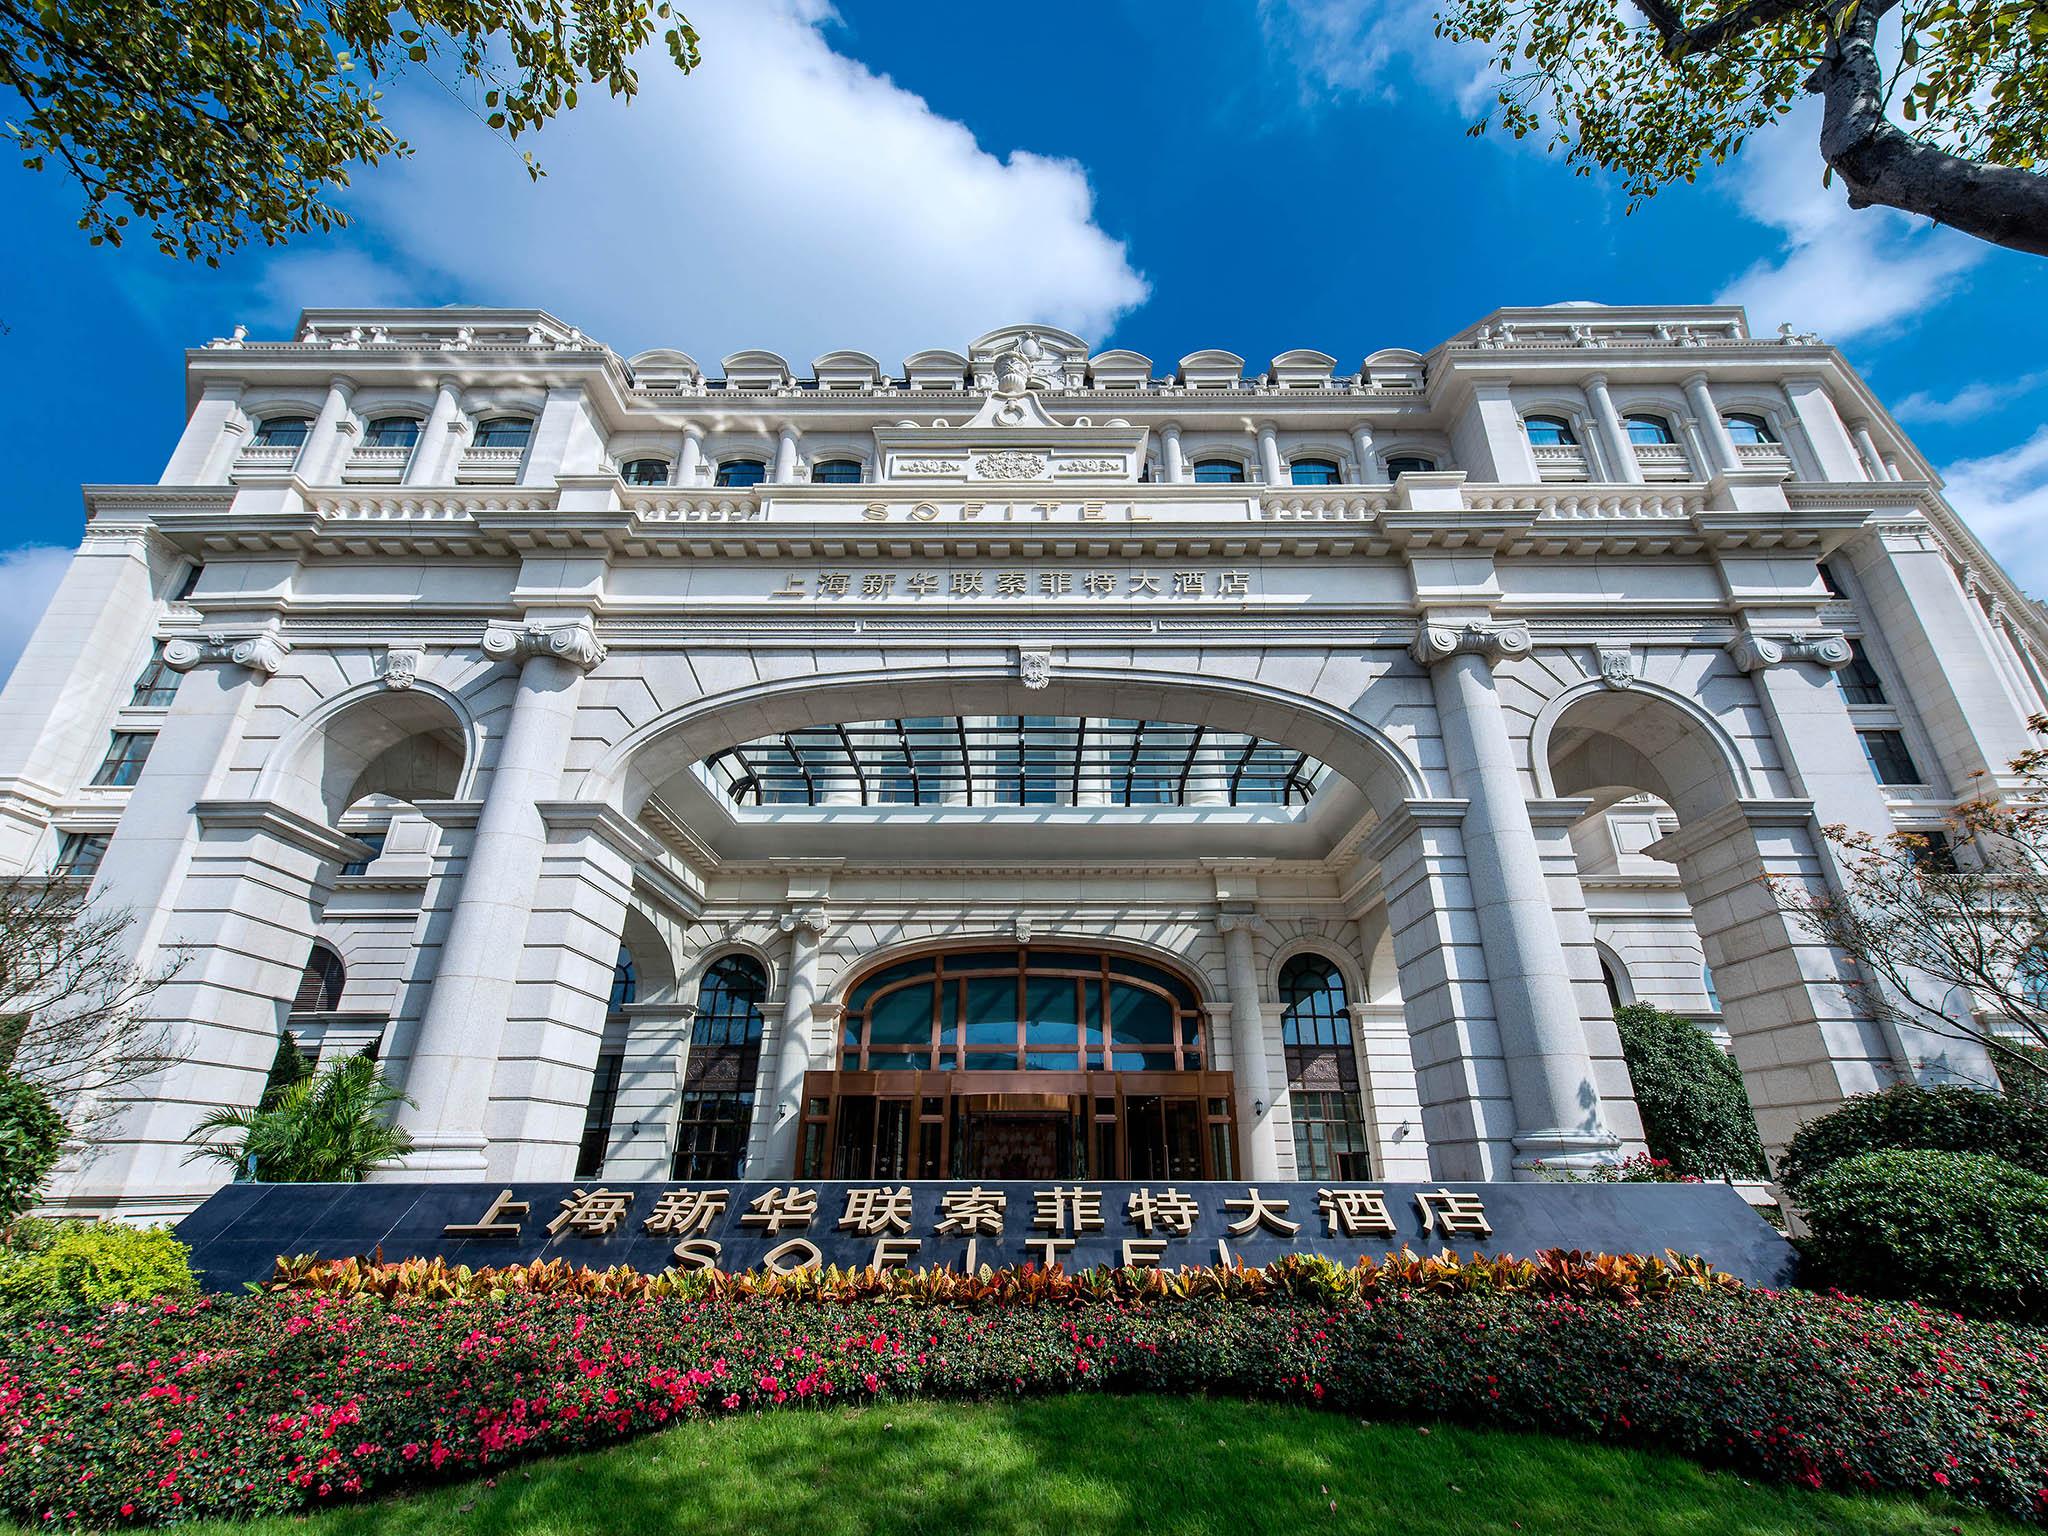 โรงแรม – โซฟิเทล เซี่ยงไฮ้ หงเฉียว